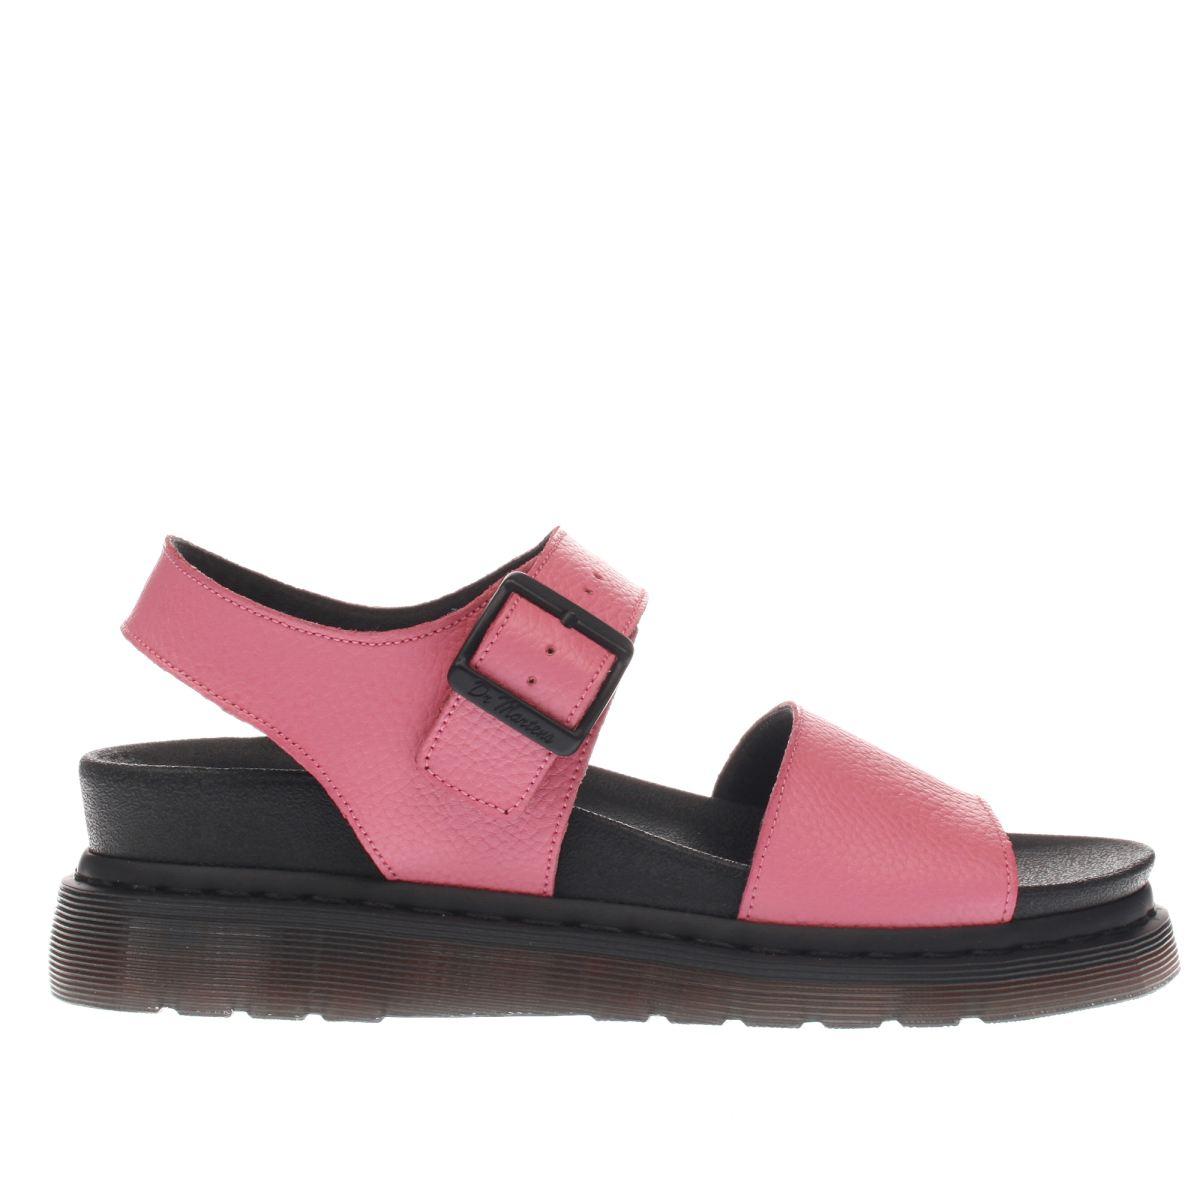 dr martens pink romi strap sandal sandals